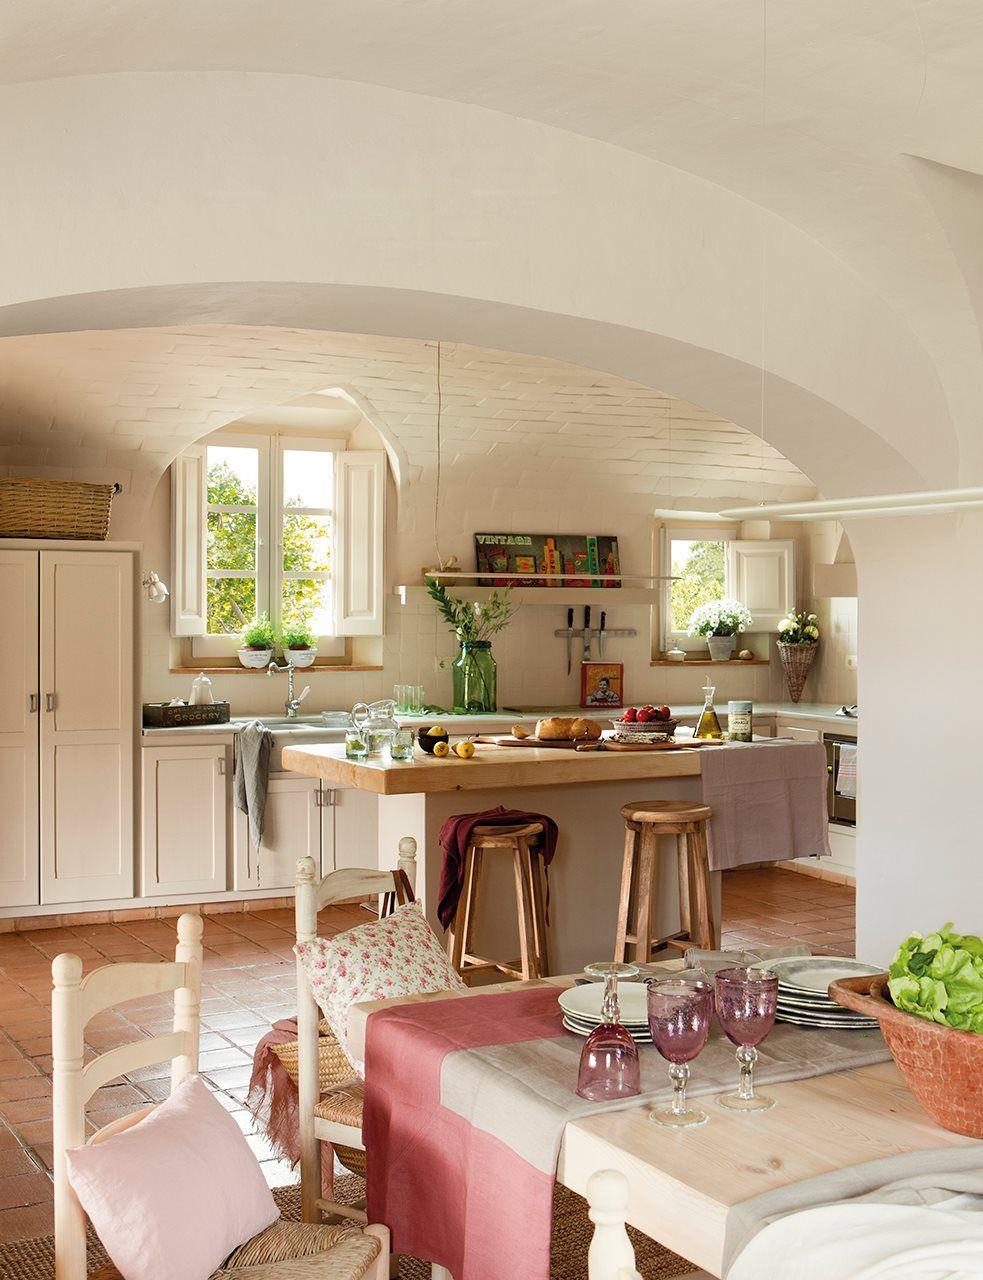 Masía decorada con estilo vintage   detalles   Pinterest   Casas ...